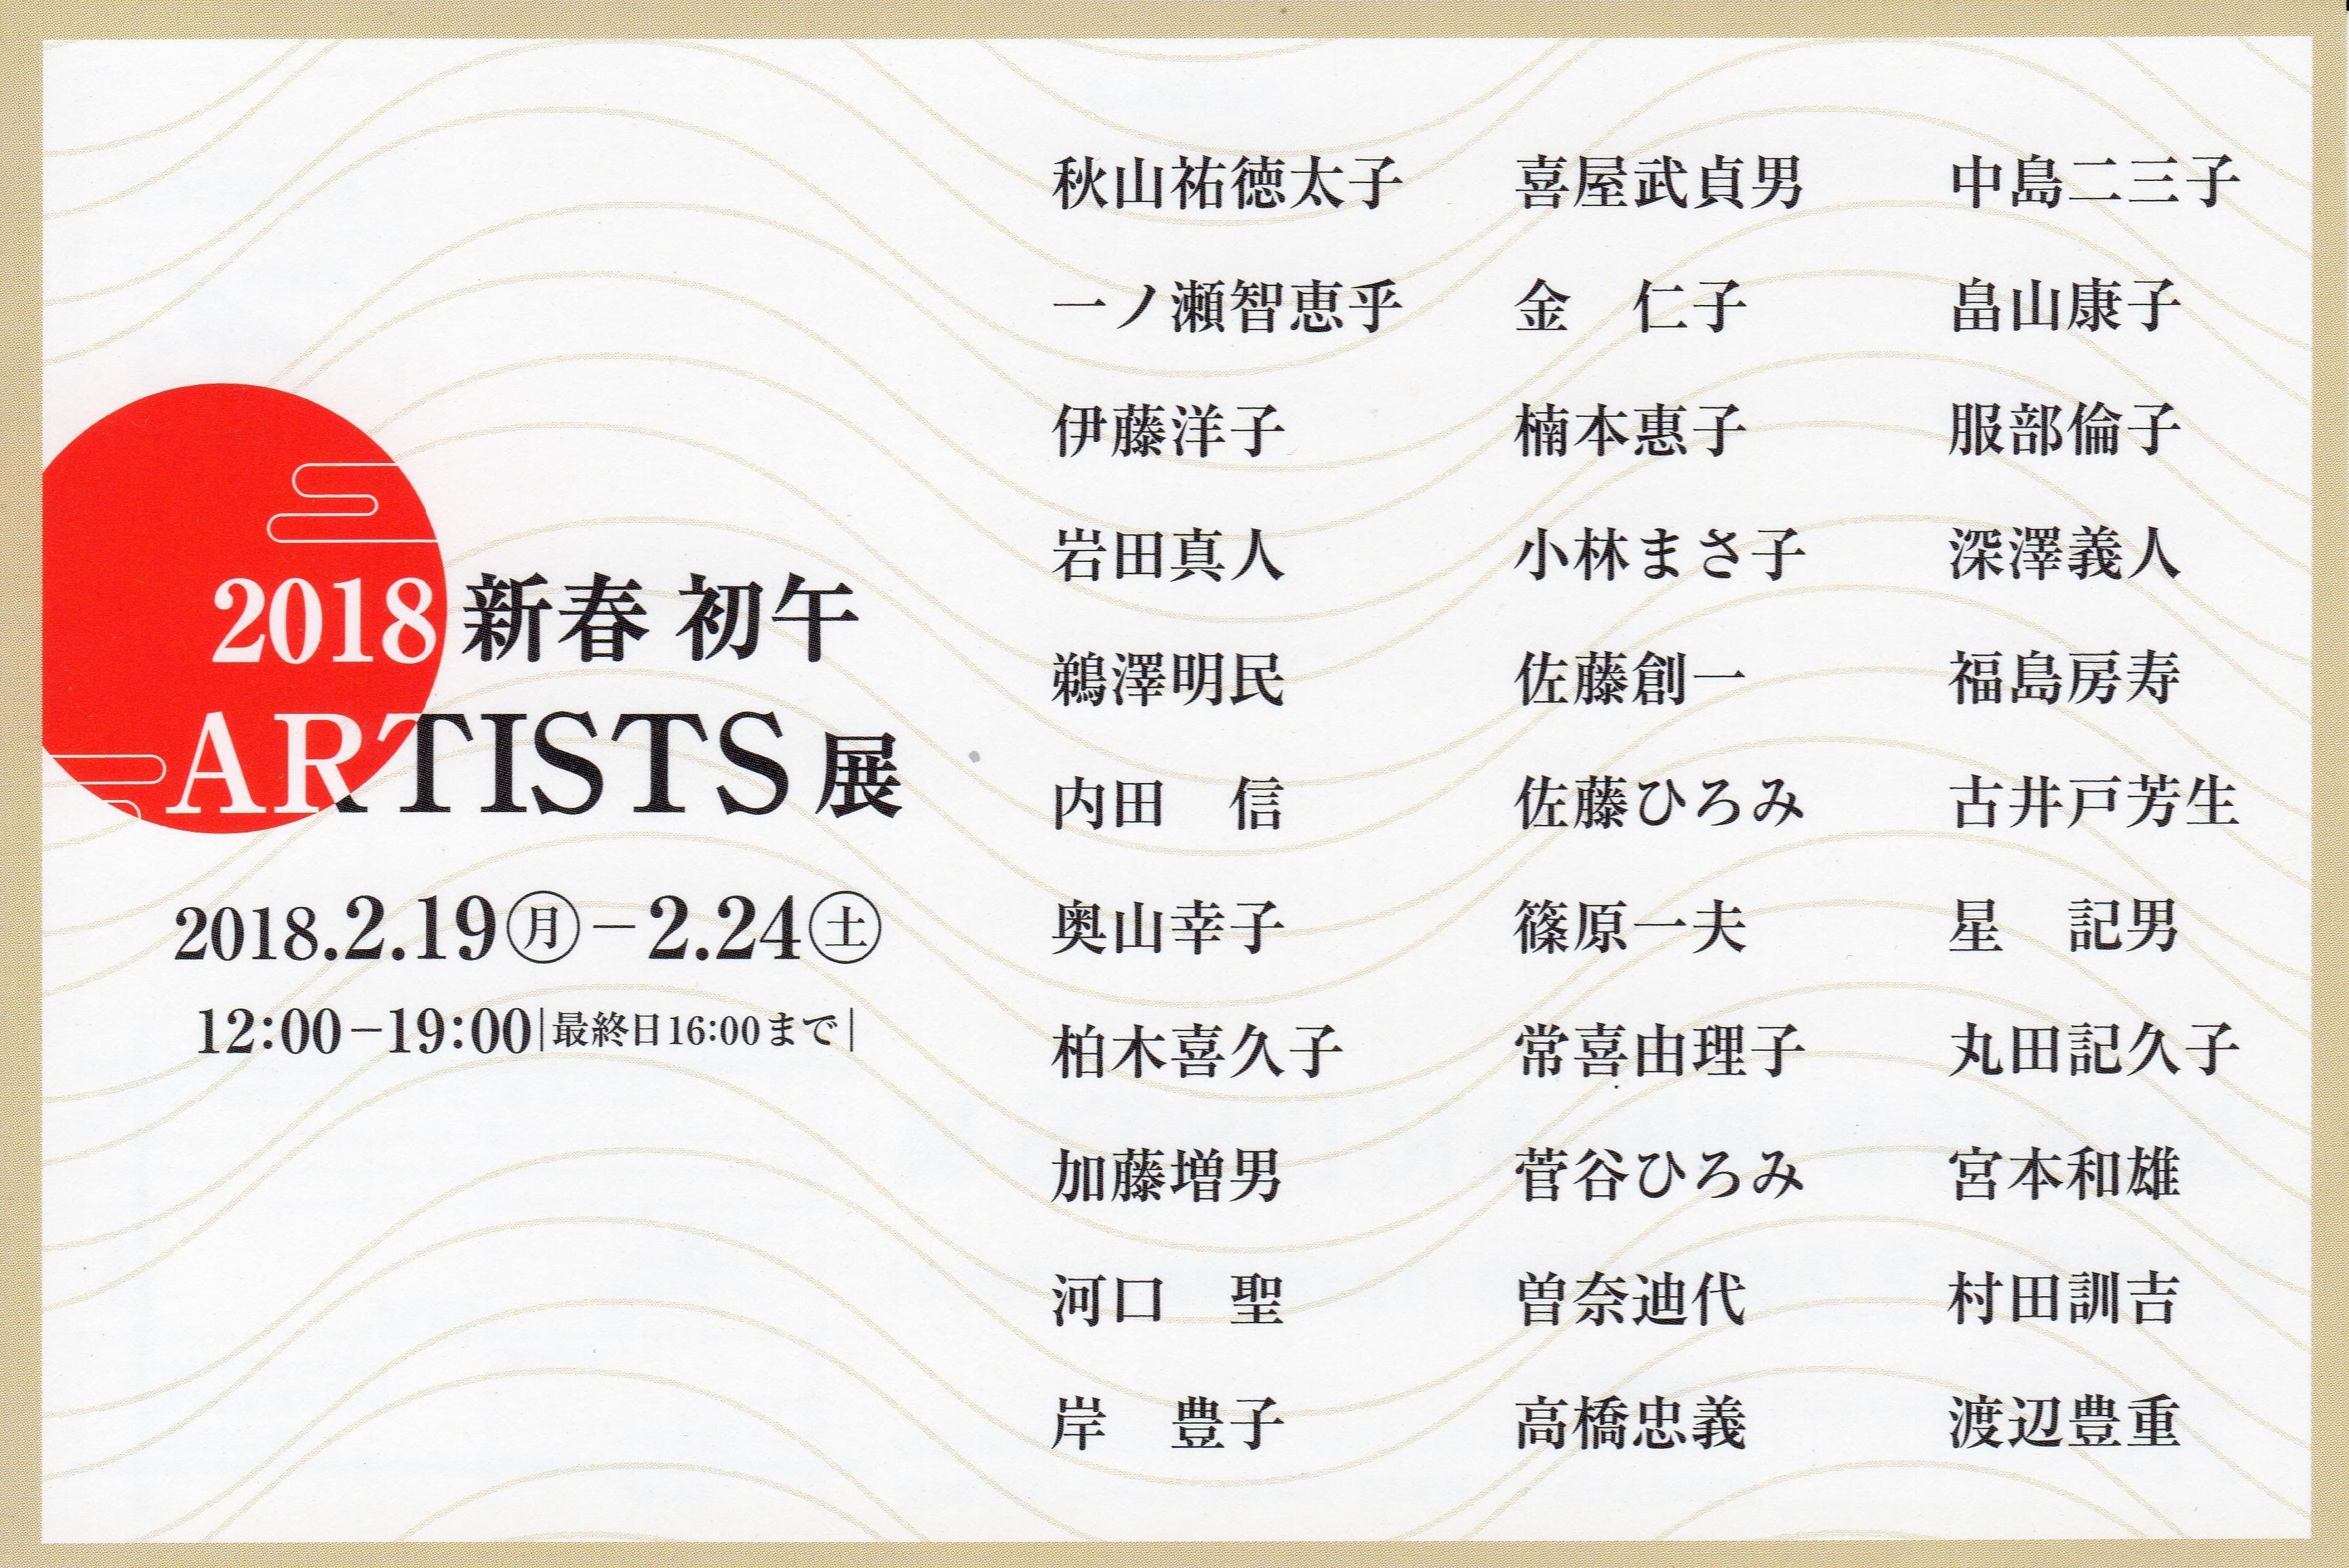 グループ展 [新春 初午 ARTISTS 展 2018]。伊藤 洋子 も 参加。